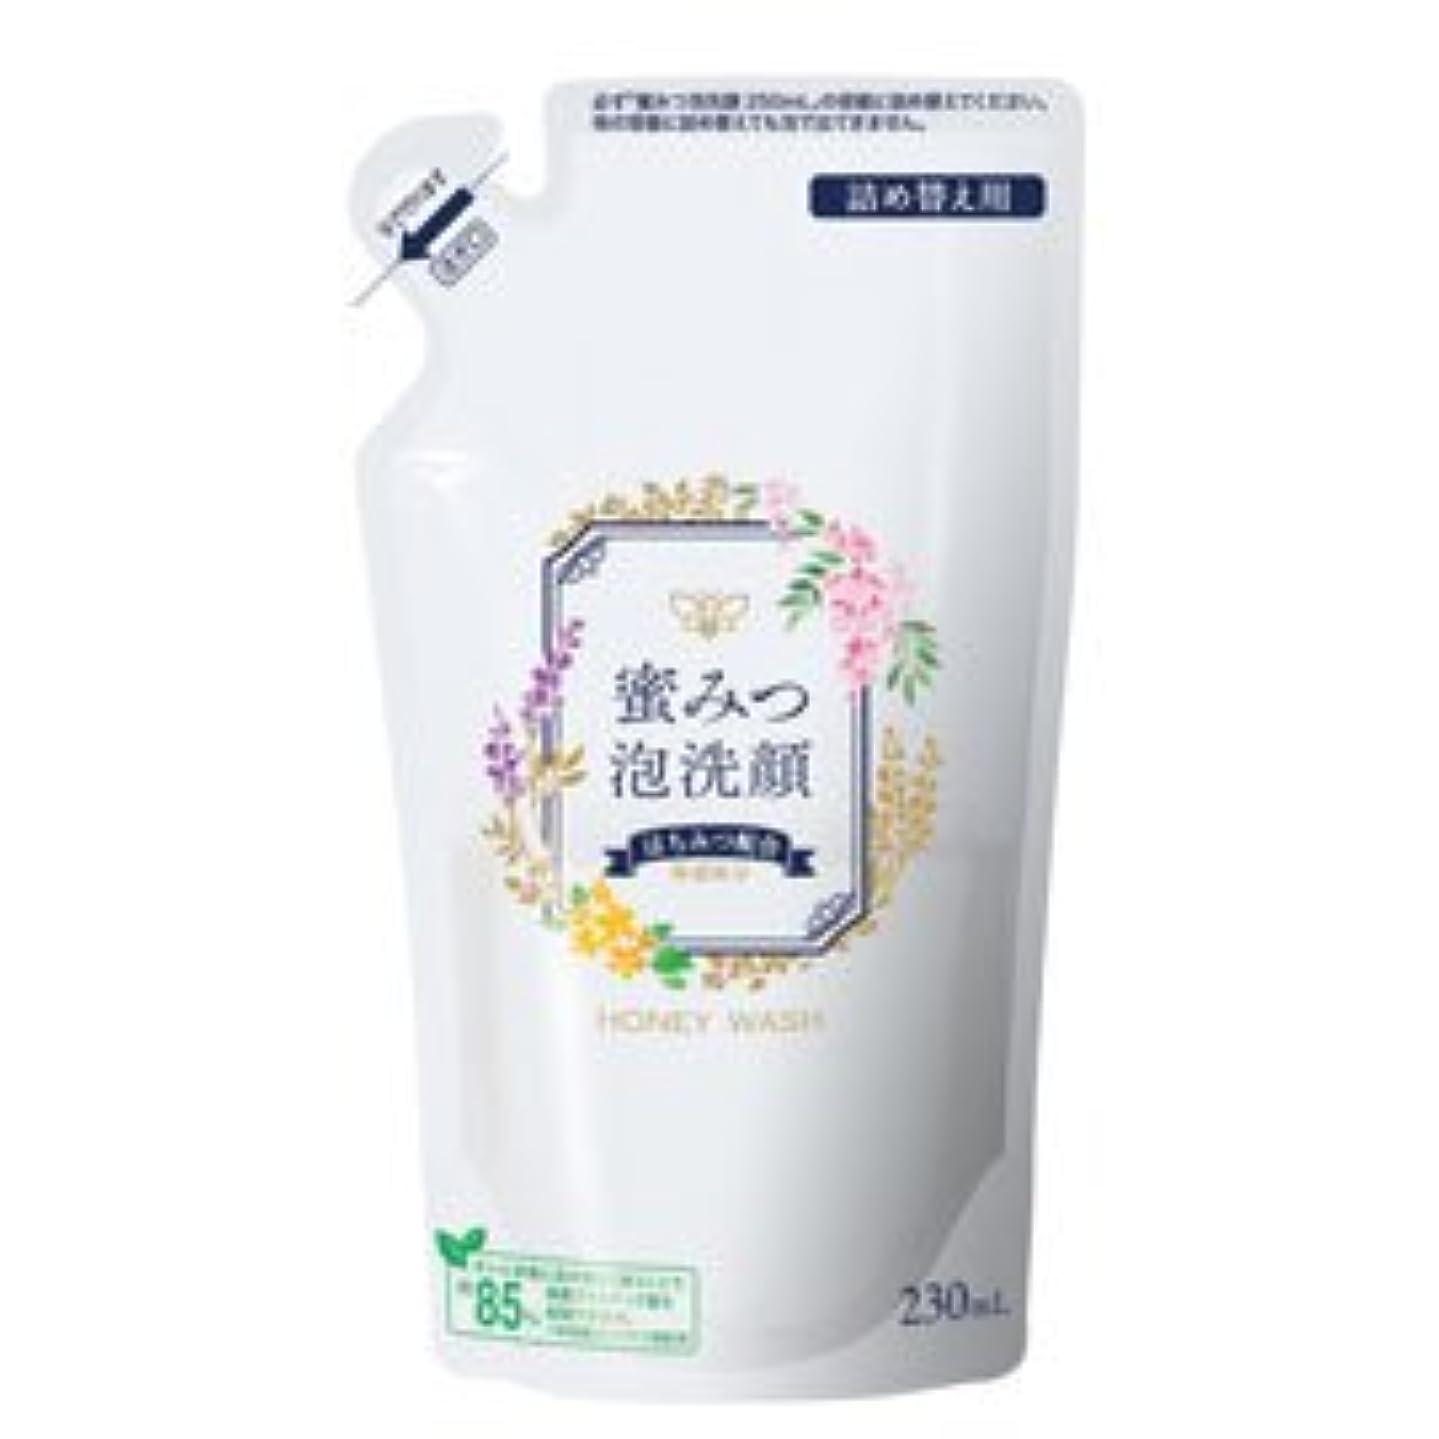 記憶加速する重力蜜みつ泡洗顔 230mL(詰替用)